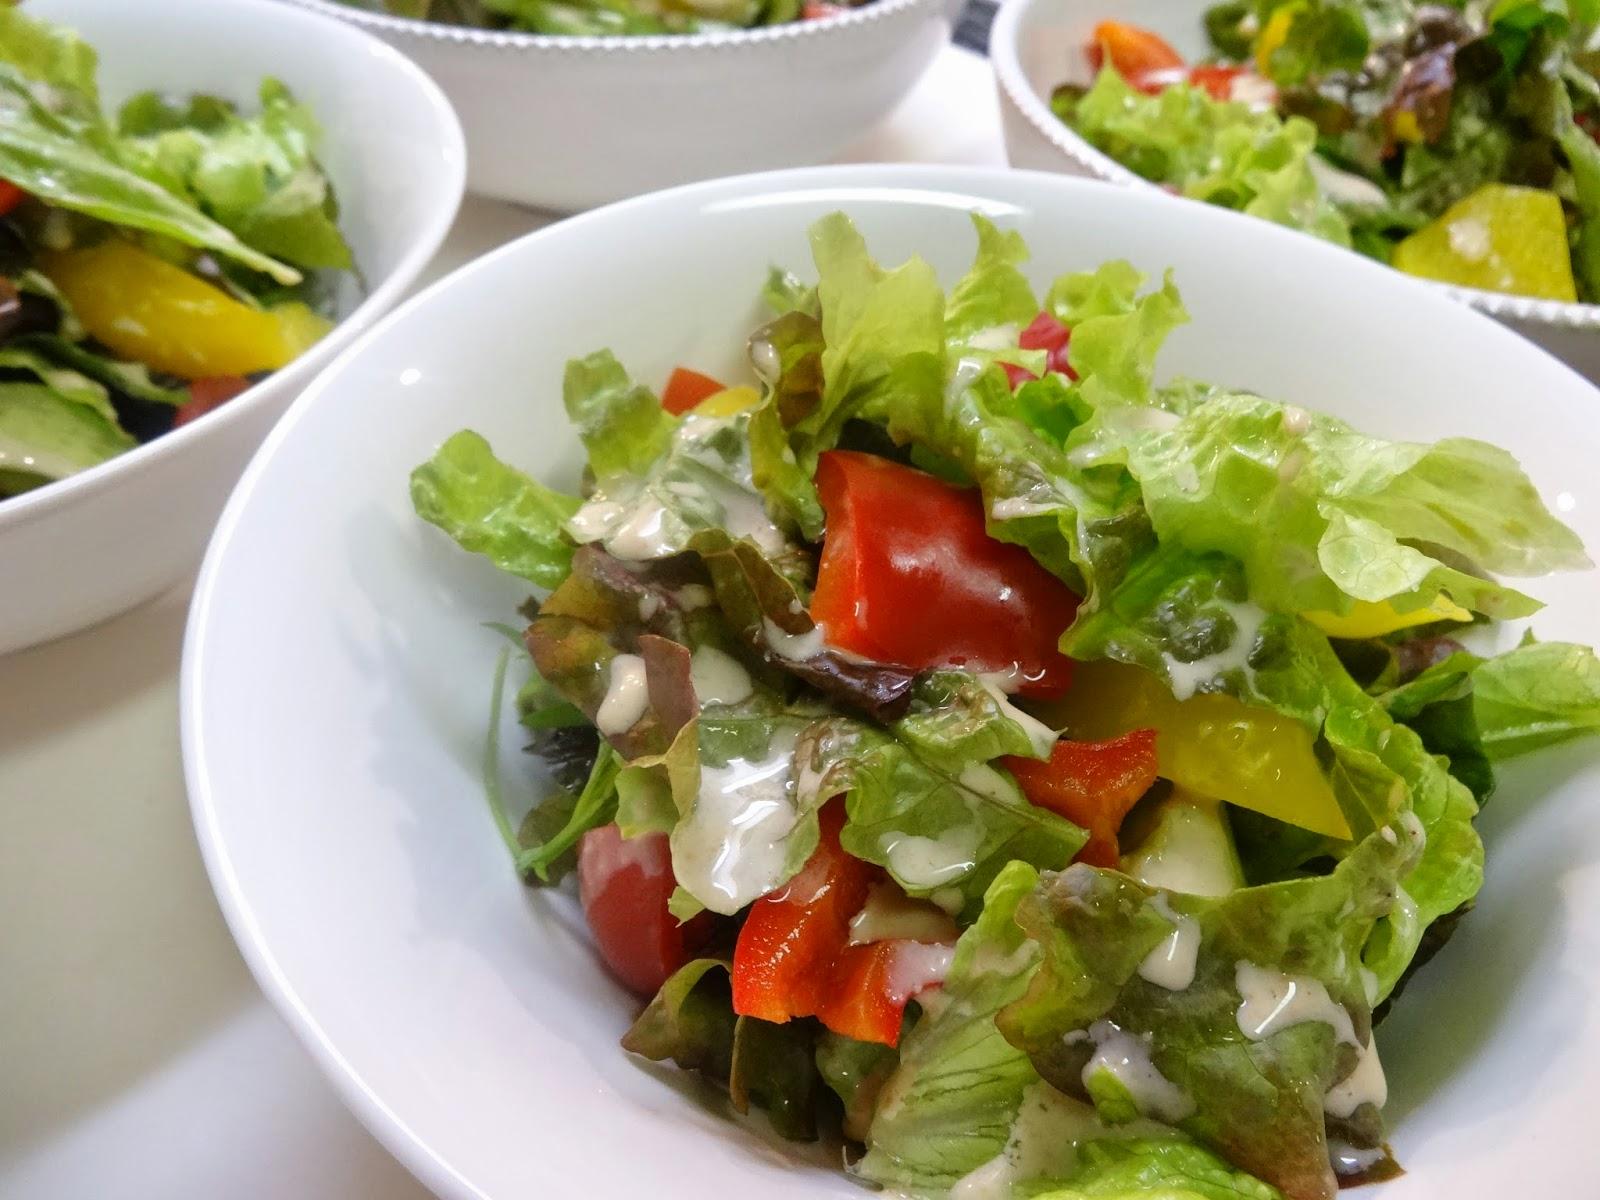 親戚家族の上京に合わせた家族のご飯会:彩り野菜の冷温サラダ